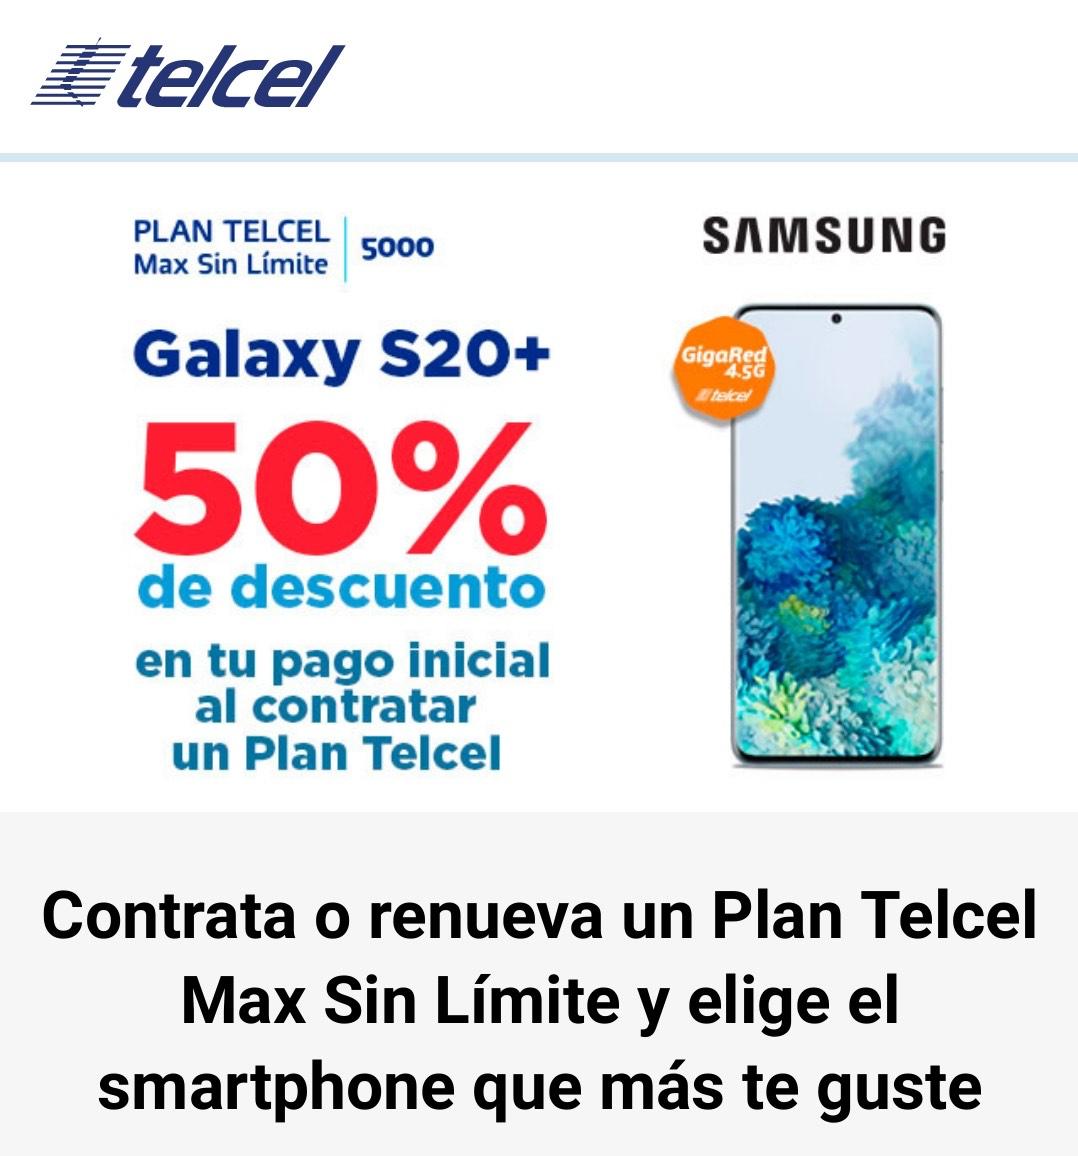 CAC TELCEL S20+ 12789 EN PLAN MAX SIN LÍMITE 1000 $199.00 a 18 Meses